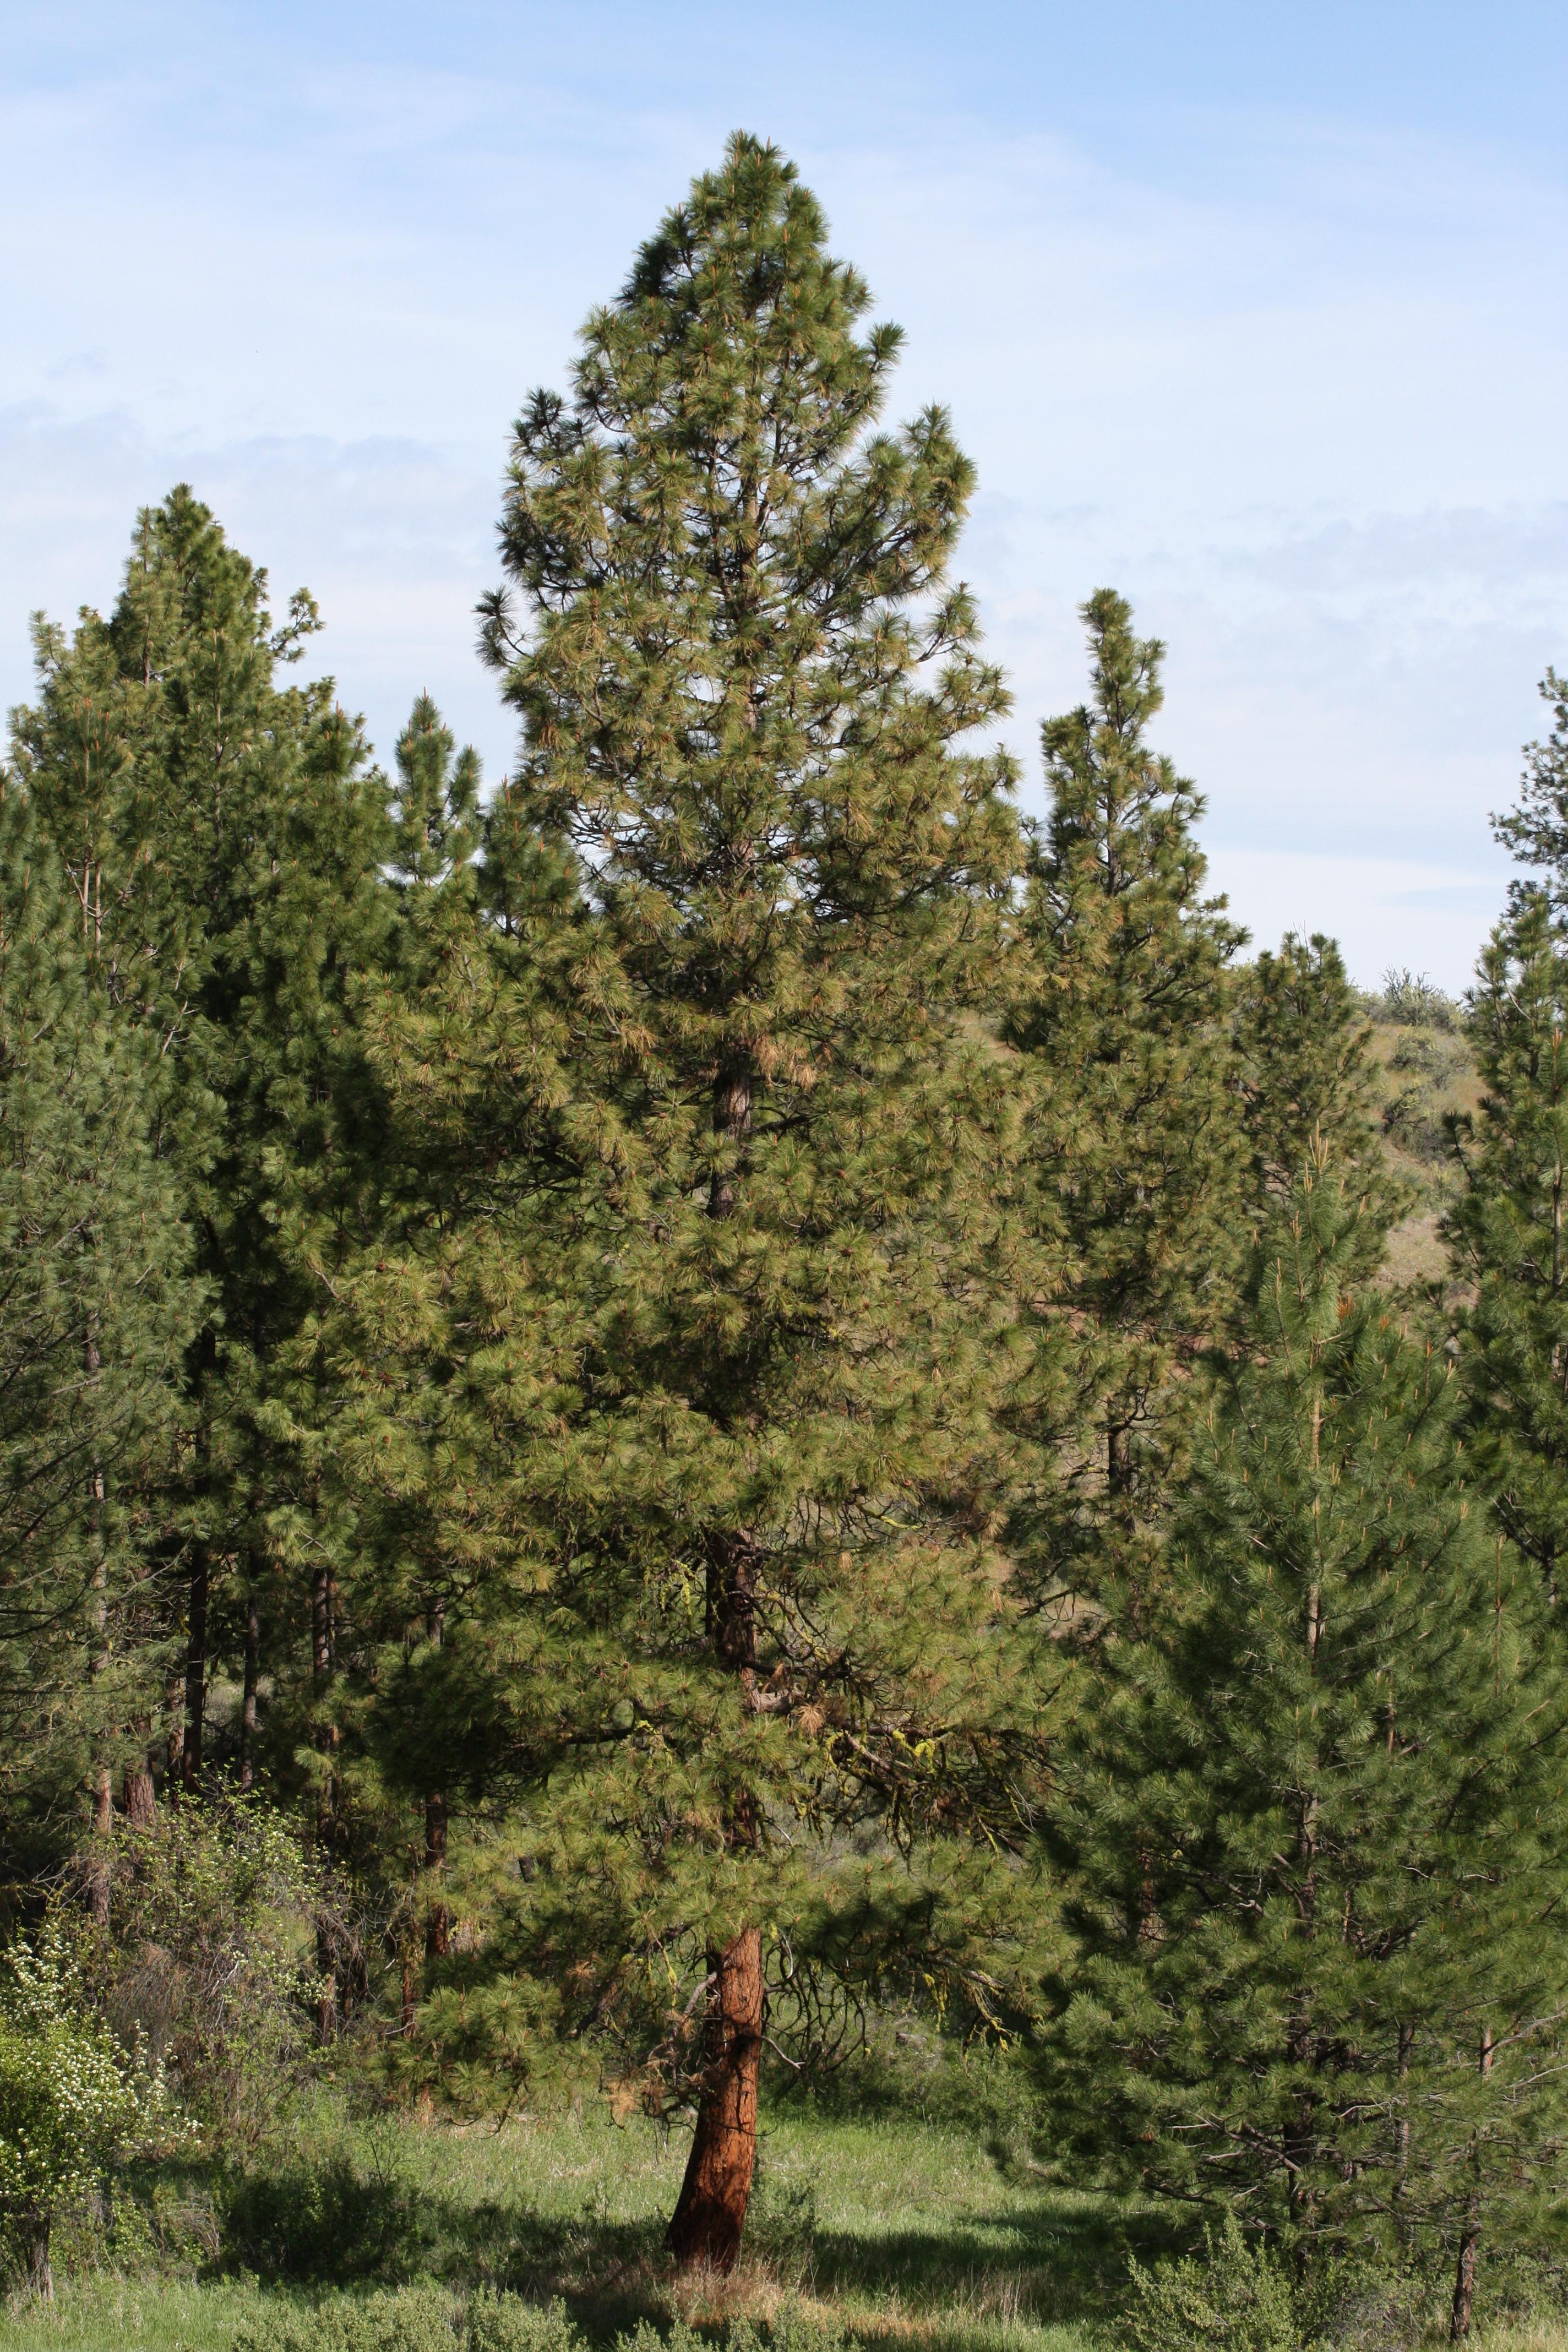 Ponderosa Pine Tree Images File:Pinus ponderosa 9...